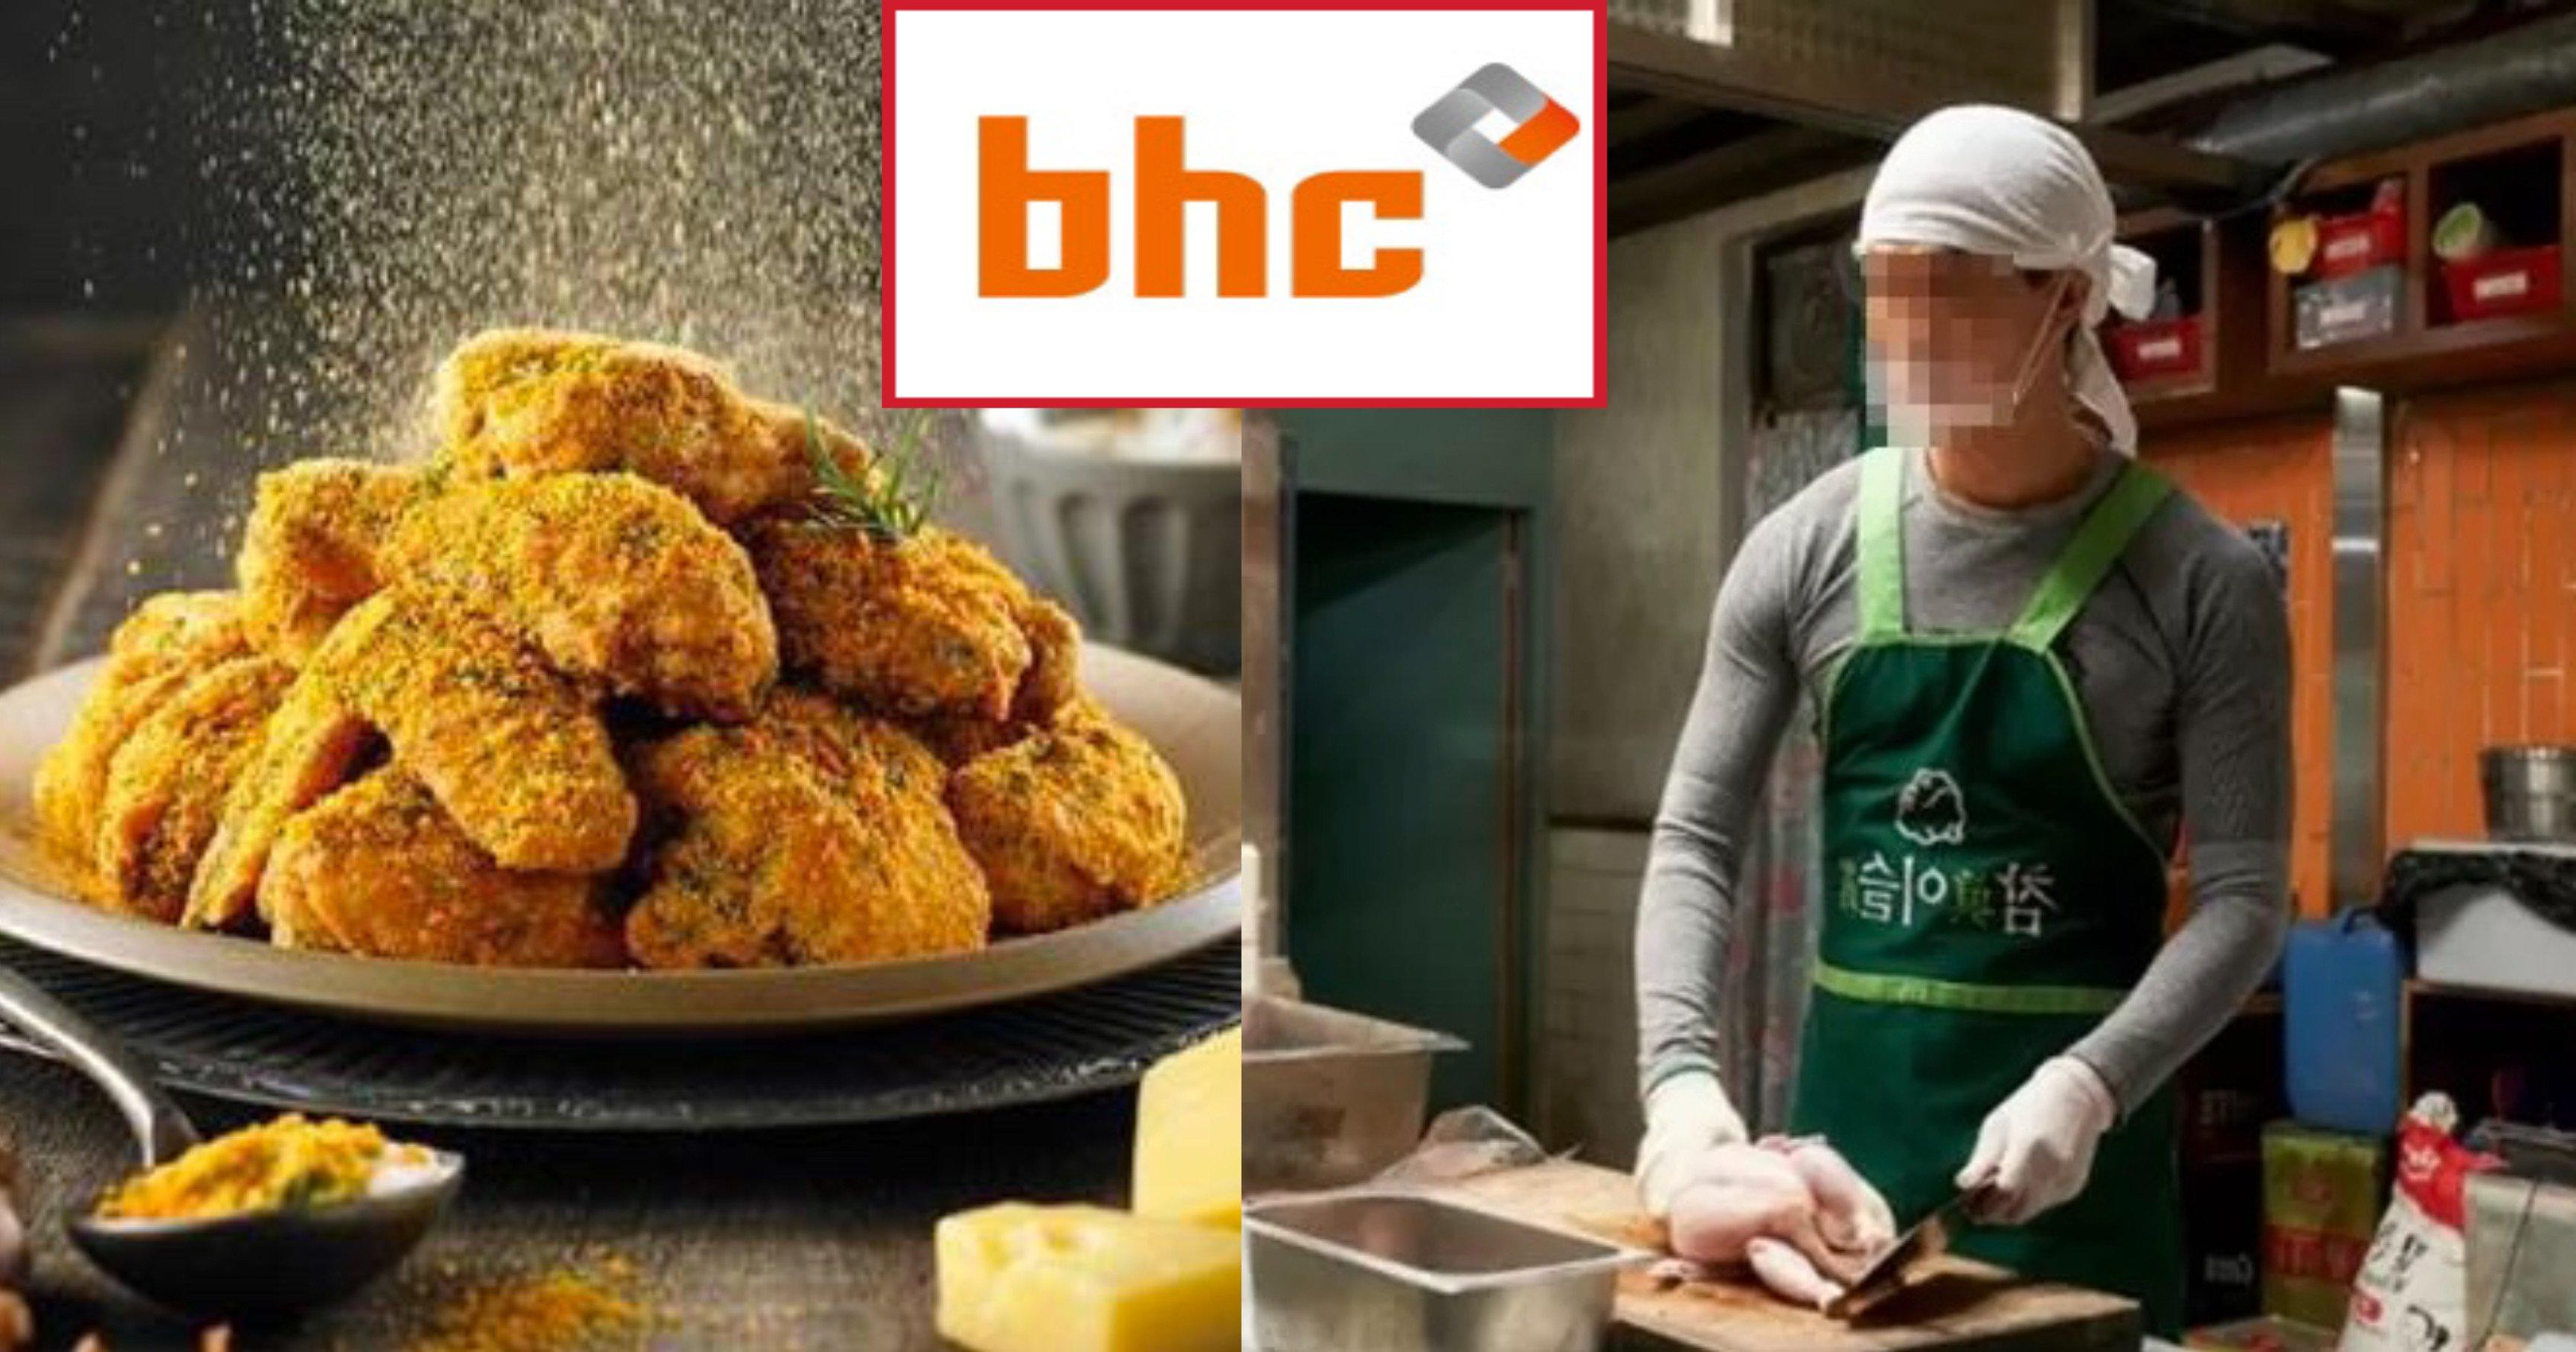 """0d6e86ae 6b09 4aa2 91ef 31ee47af54d6.jpeg?resize=1200,630 - """"닭 떨어졌는데요?""""..닭 있는데 '기프티콘'으로 주문하자 닭 없다며 주문 거절하는 'BHC' 매장"""